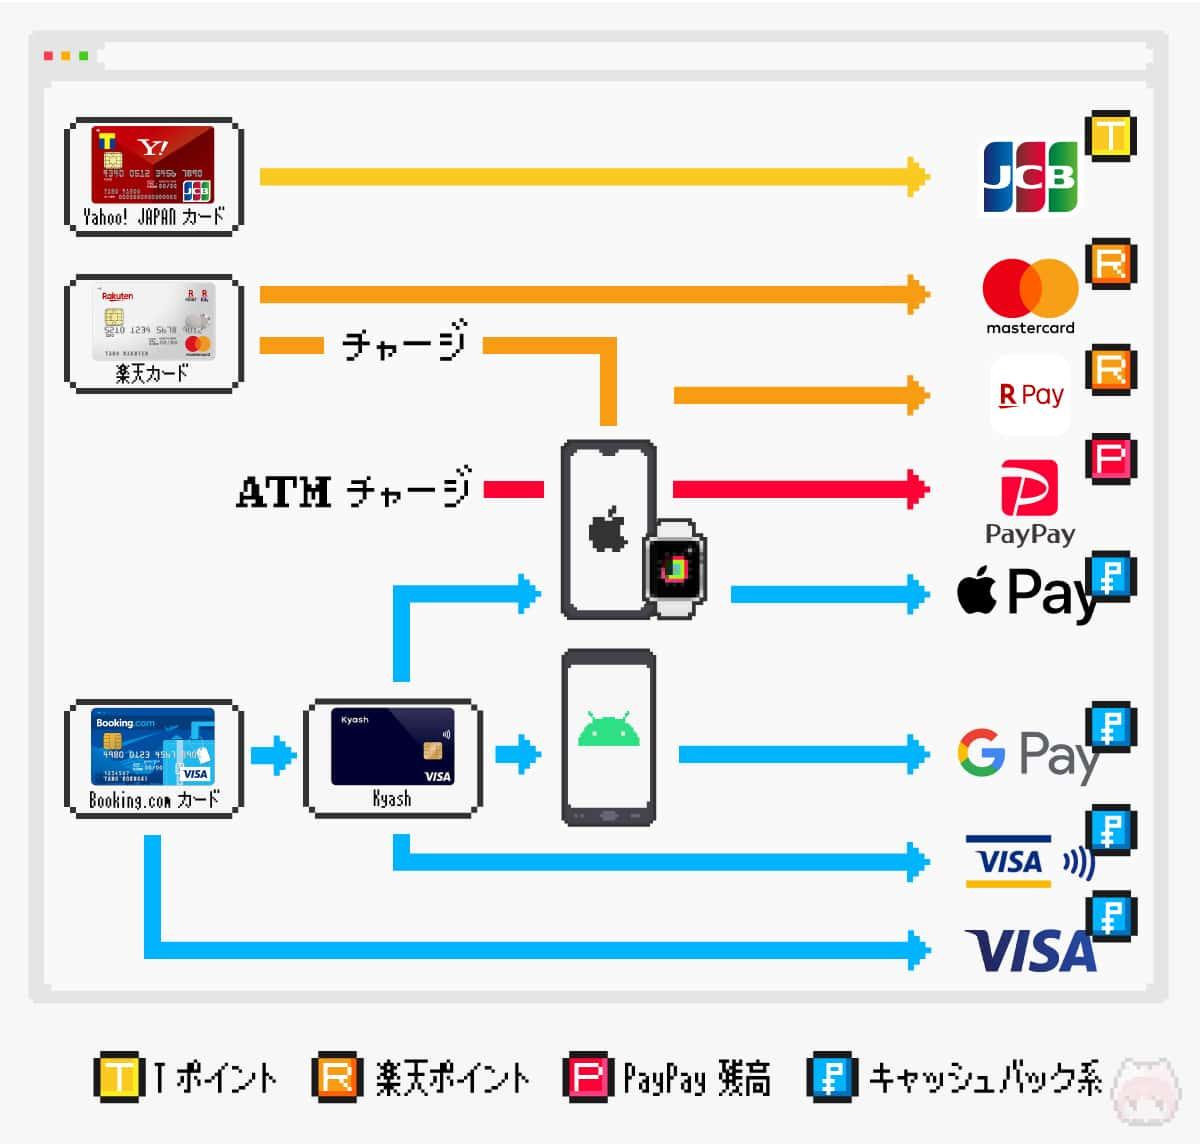 ポイ活@がんばらないのフローチャート